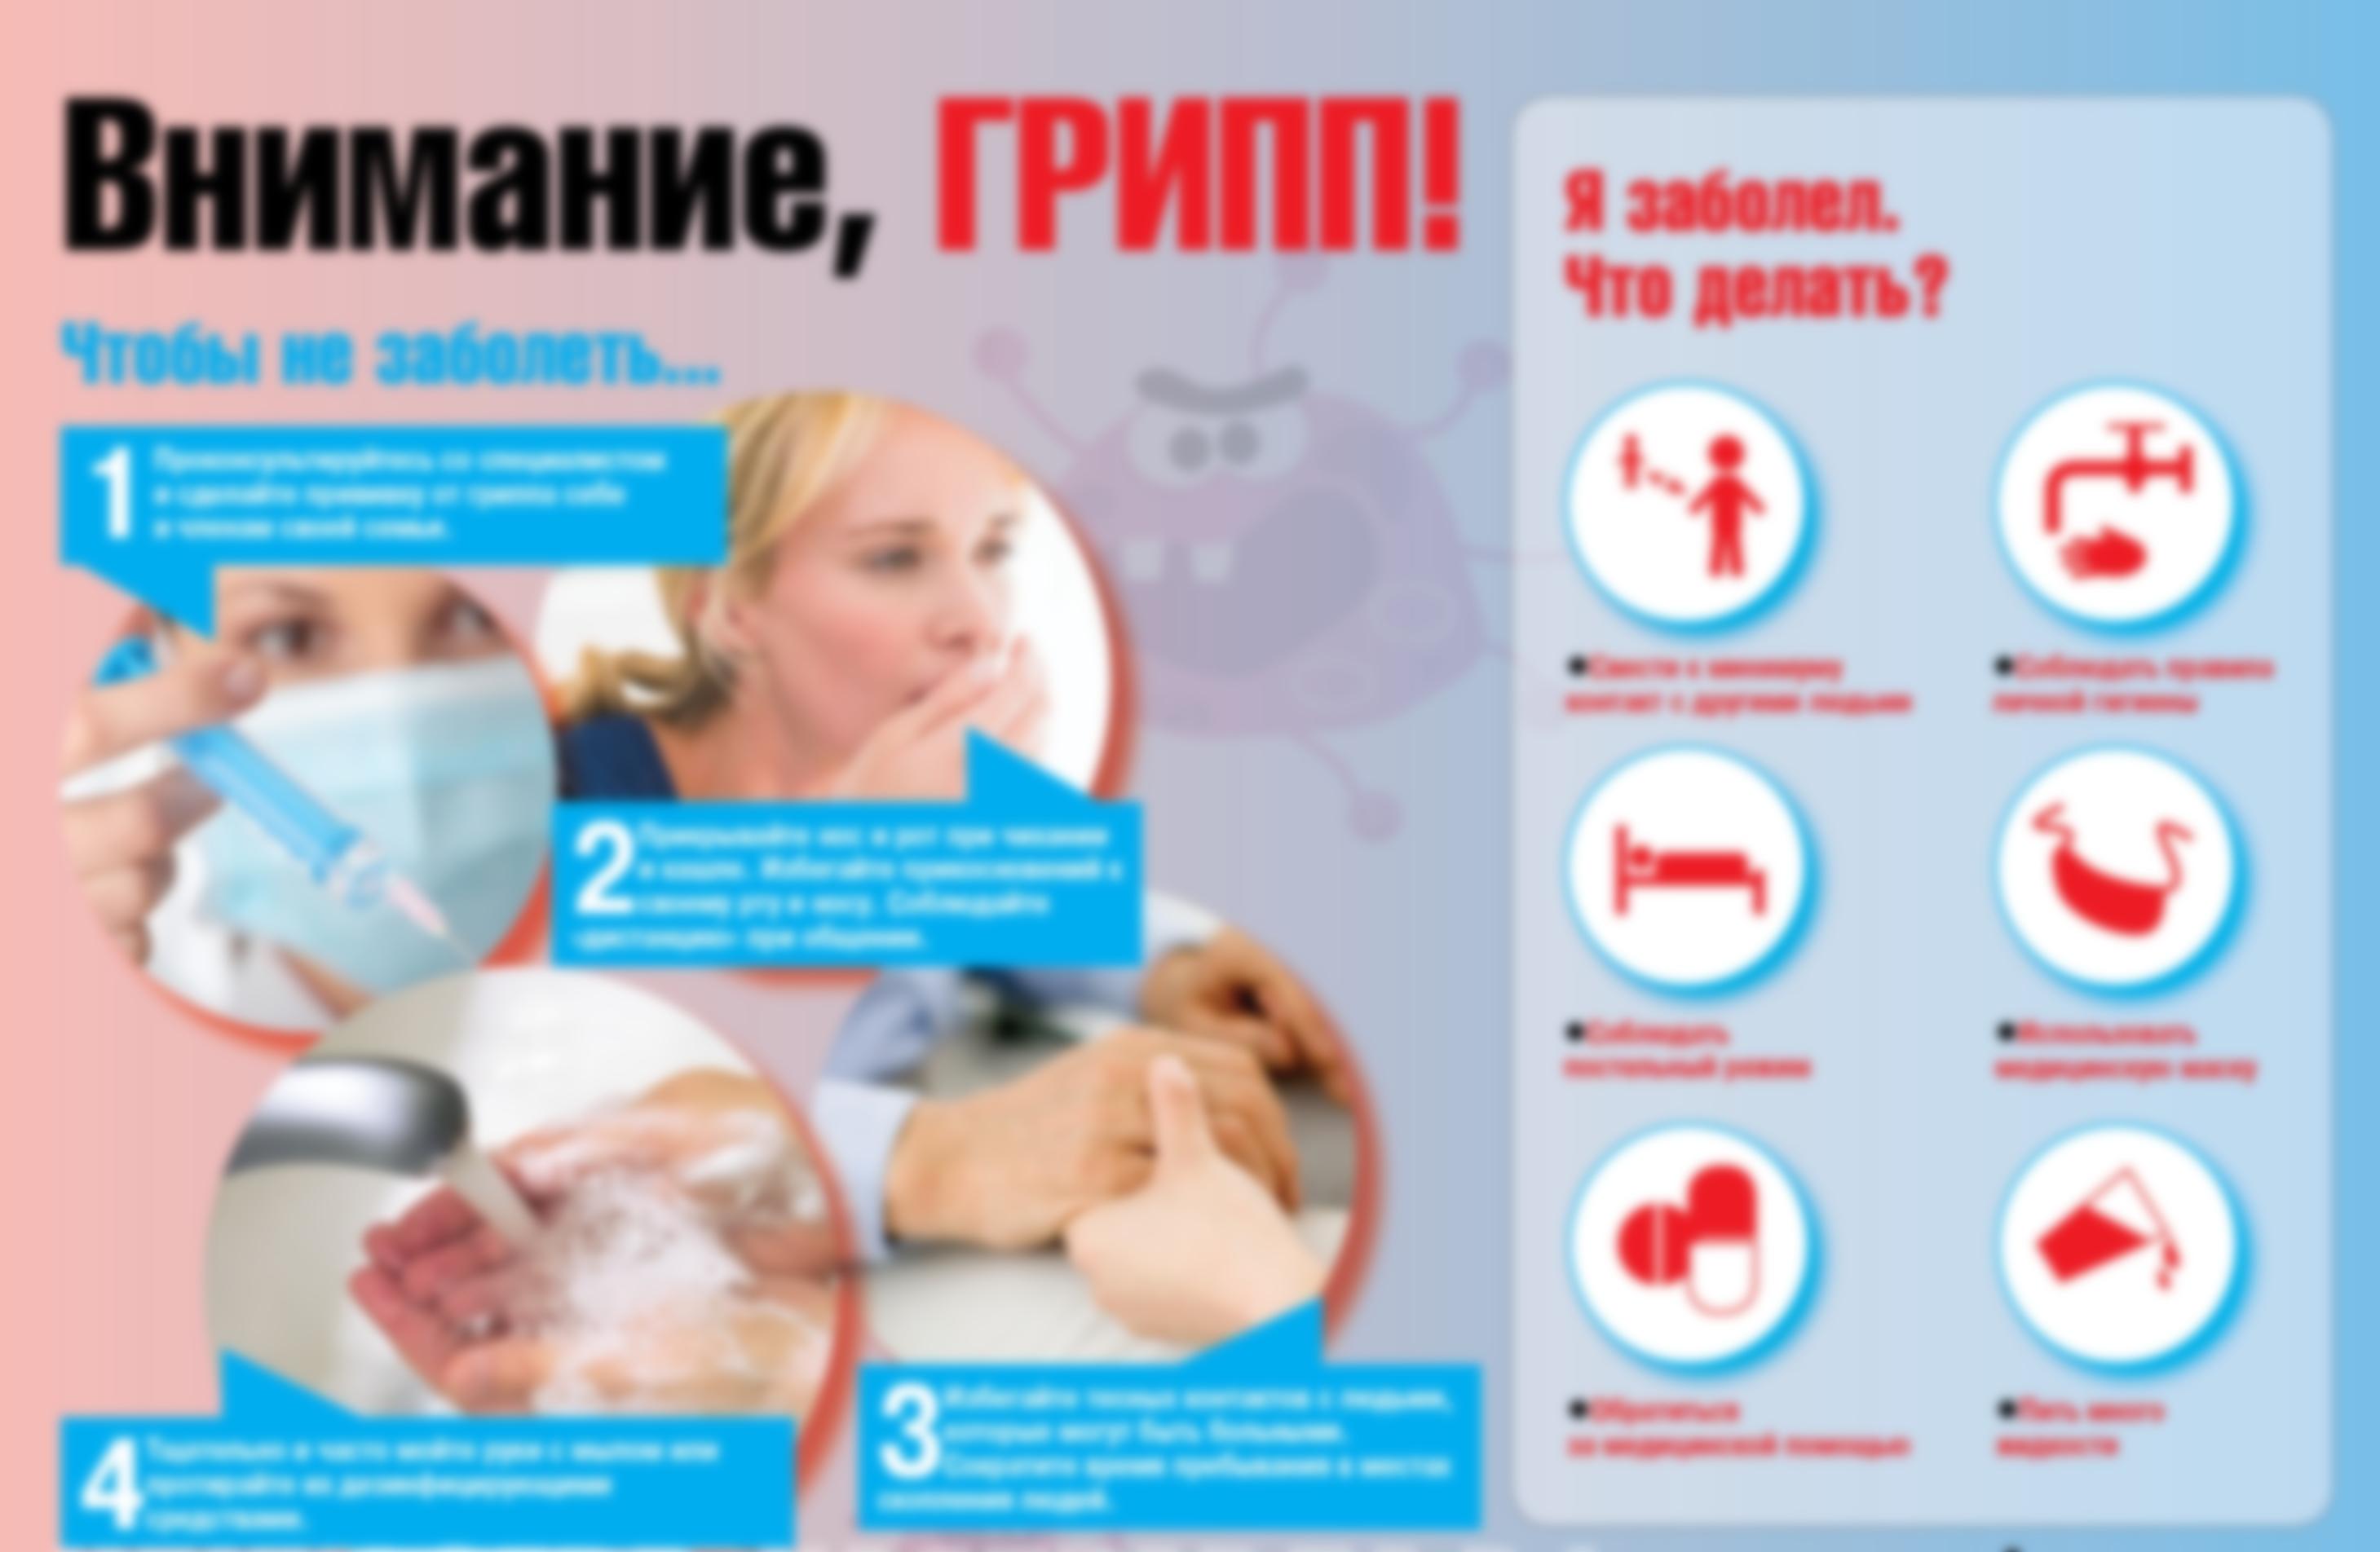 Смотреть Профилактика гриппа в 2019 году в России видео